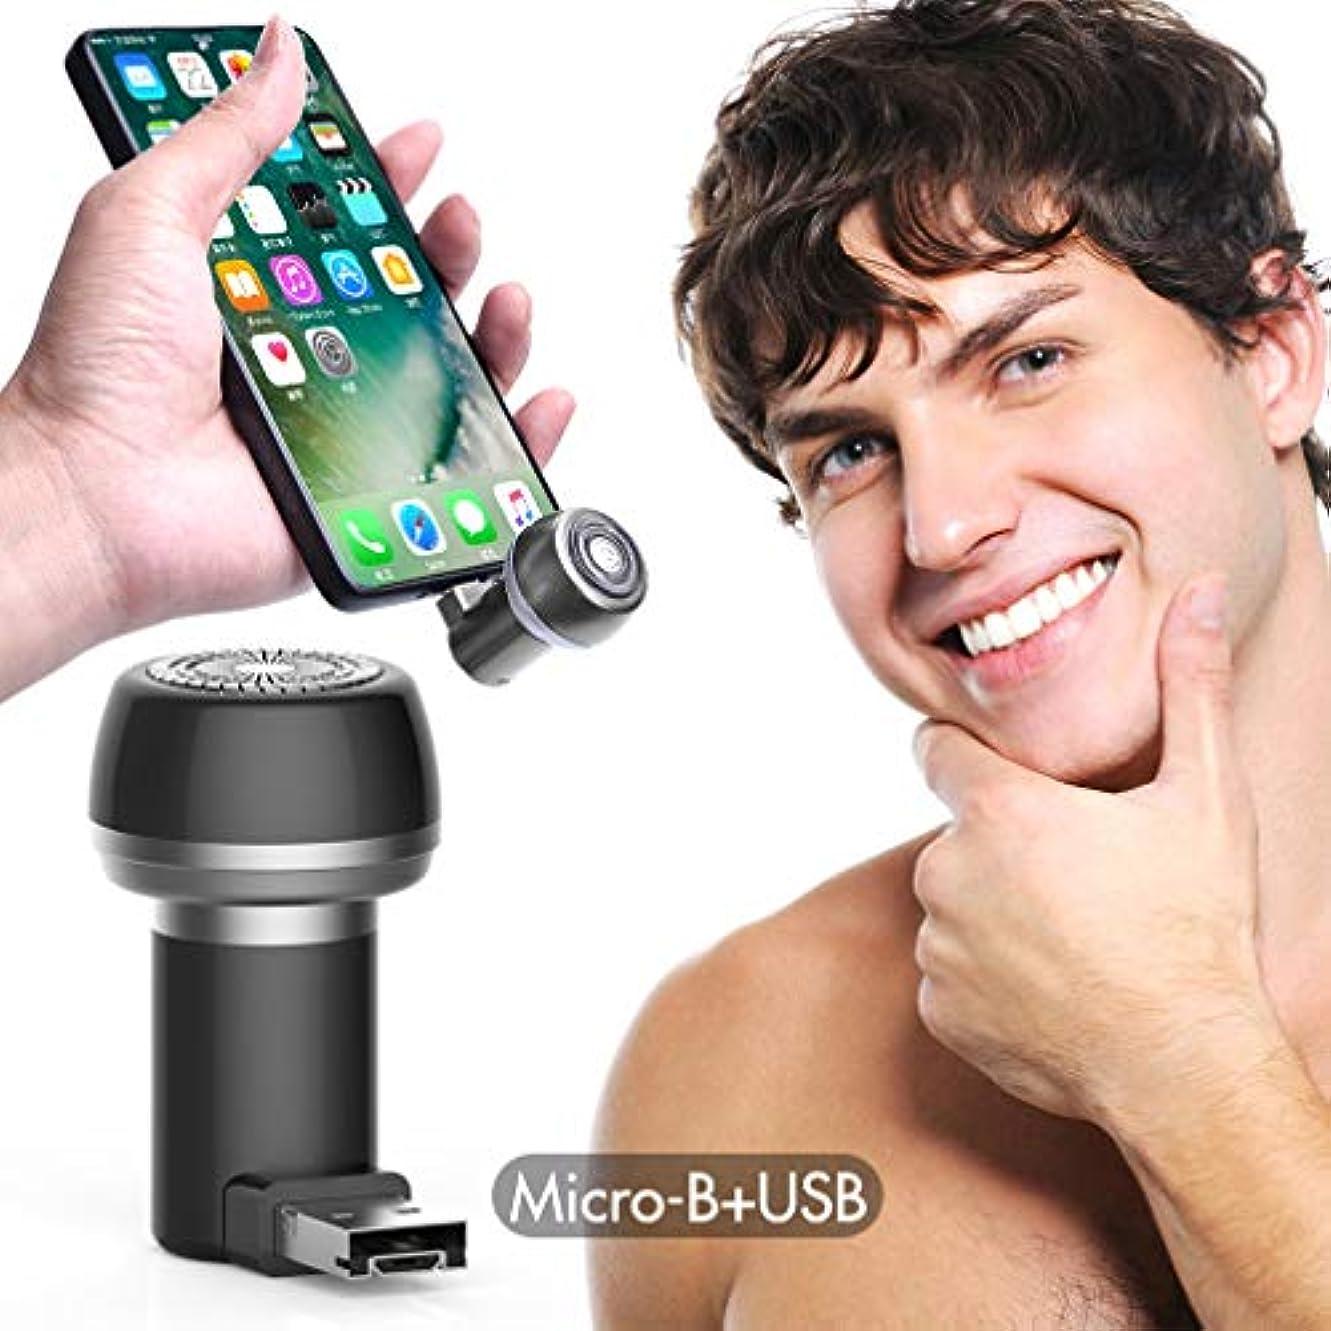 スクラッチはぁ野菜メンズシェーバー 磁気電気シェーバー 電気シェーバー type-c/USB ポート 持ち運び便利 ビジネス 通勤用 洗い可 旅行する Micro-USB